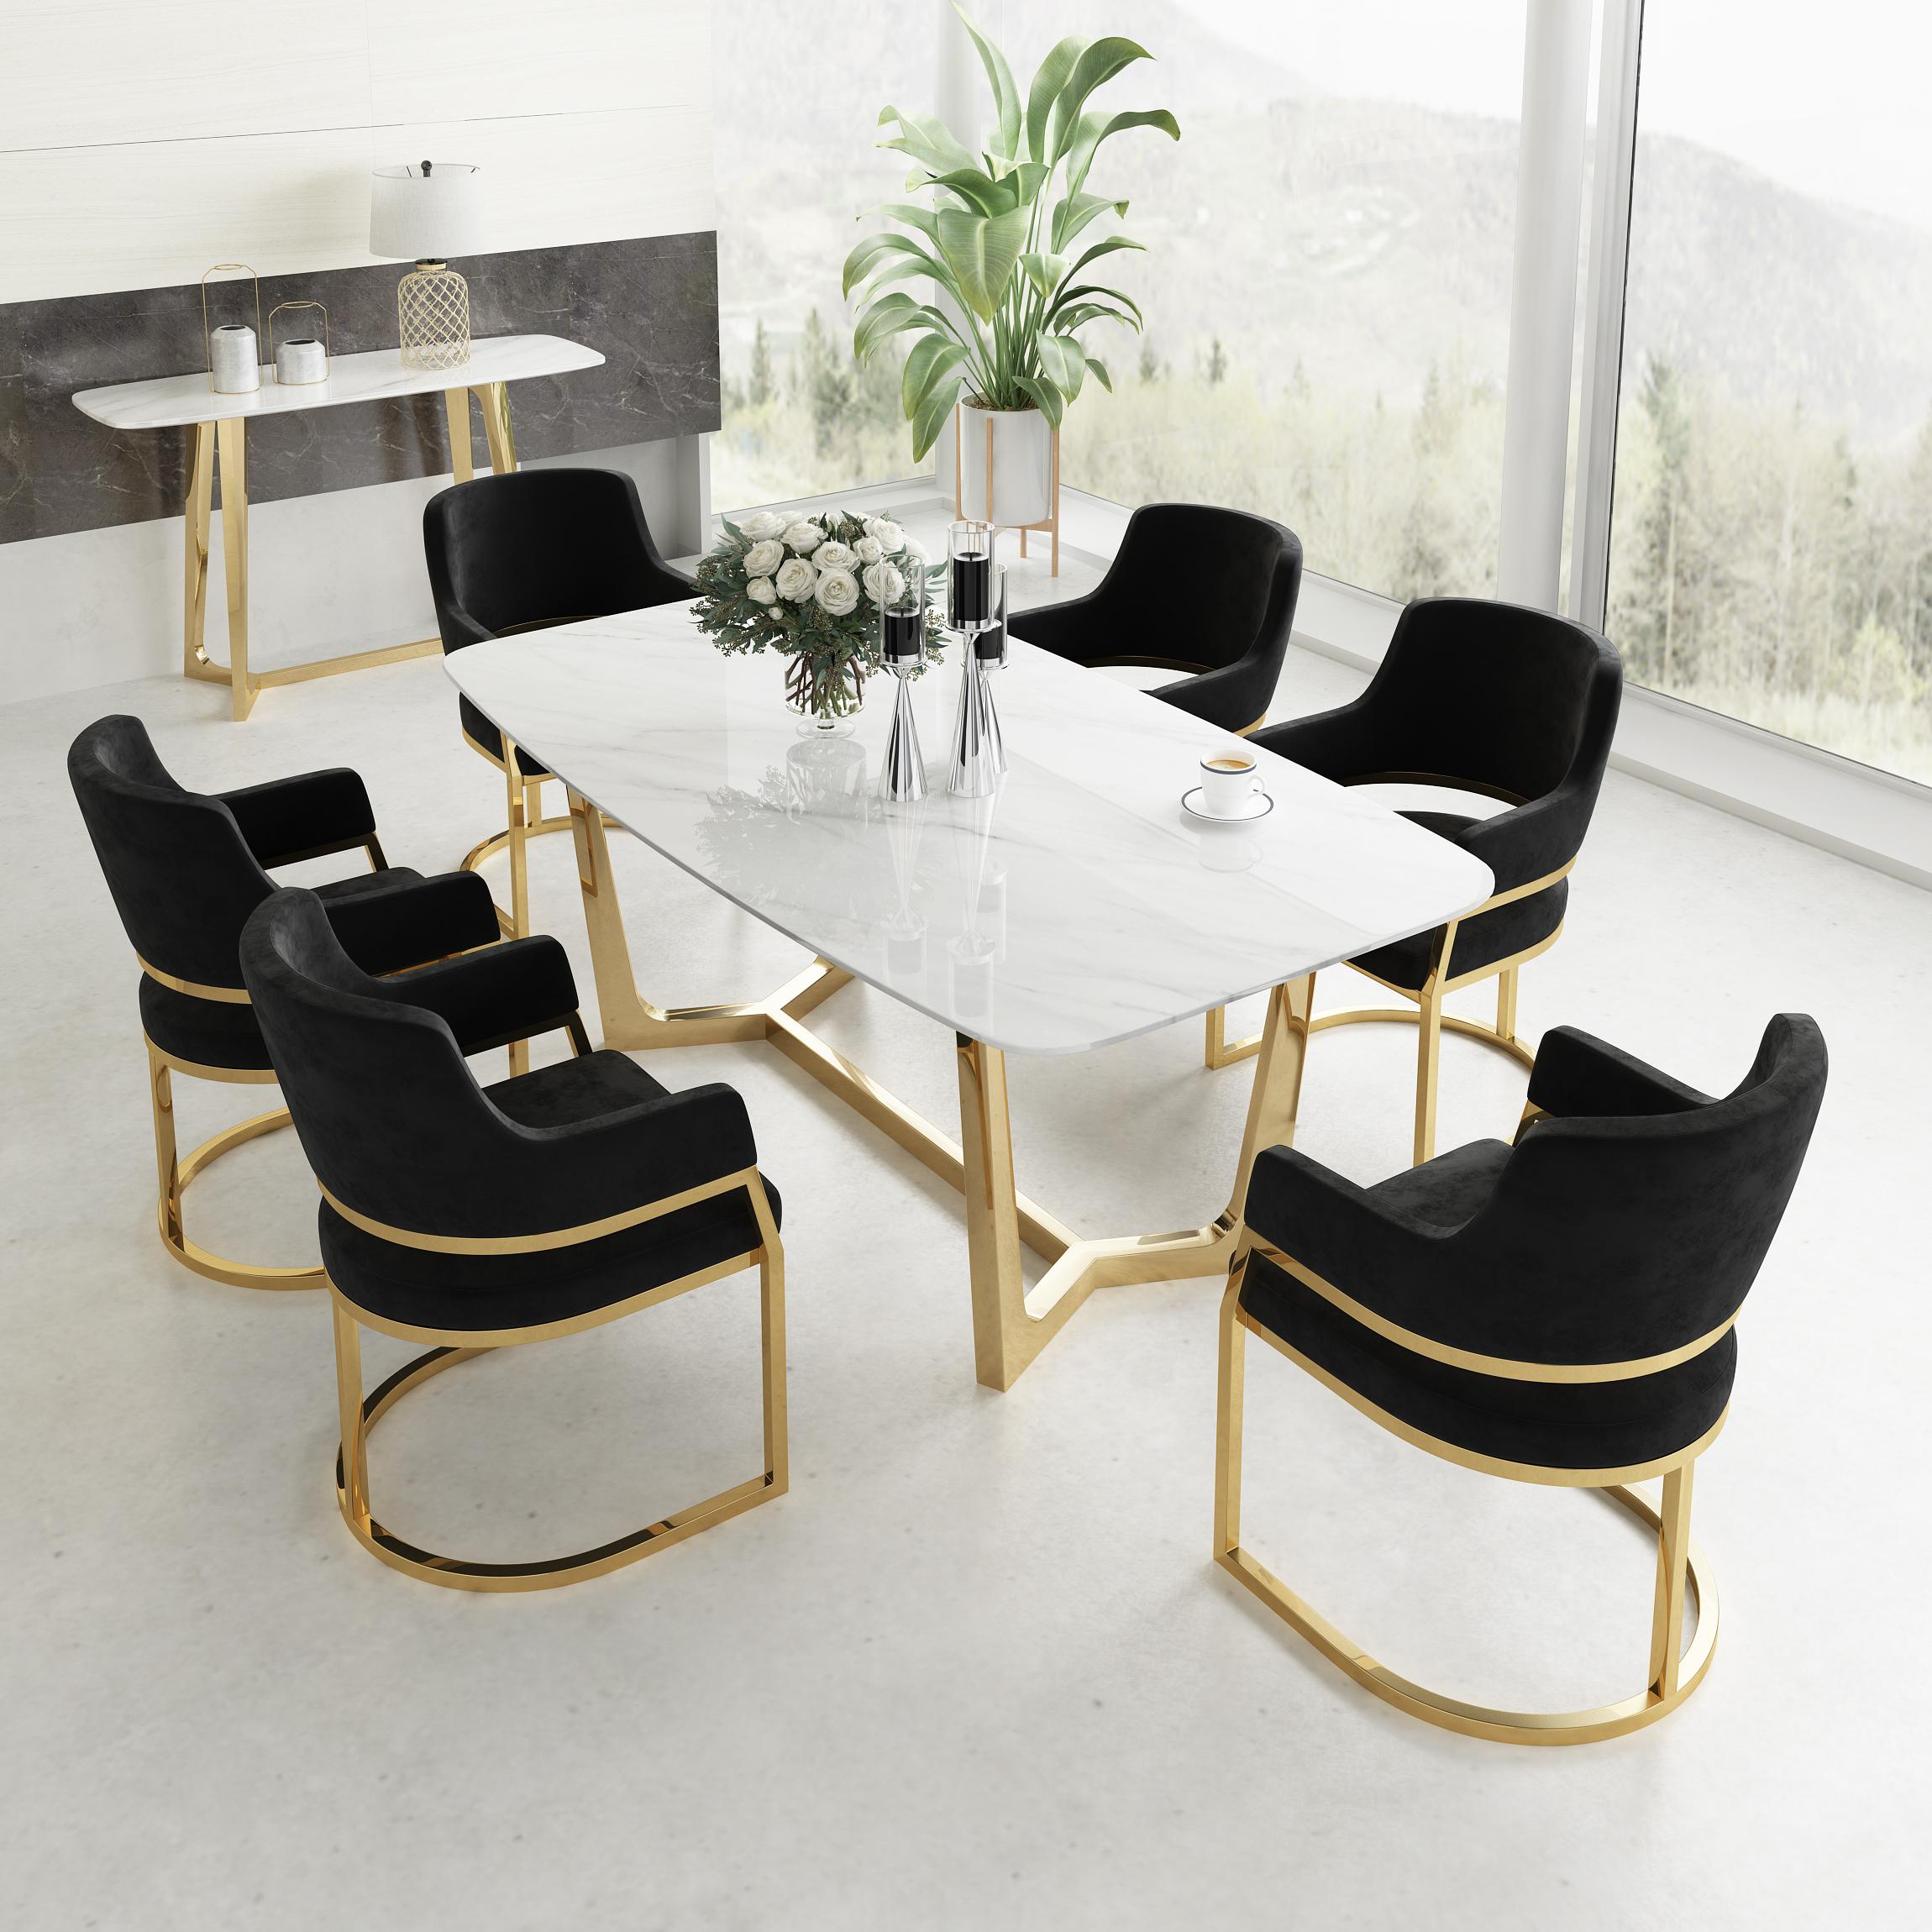 Luxus Möbel Design Qualität Lionsstar Gmbh